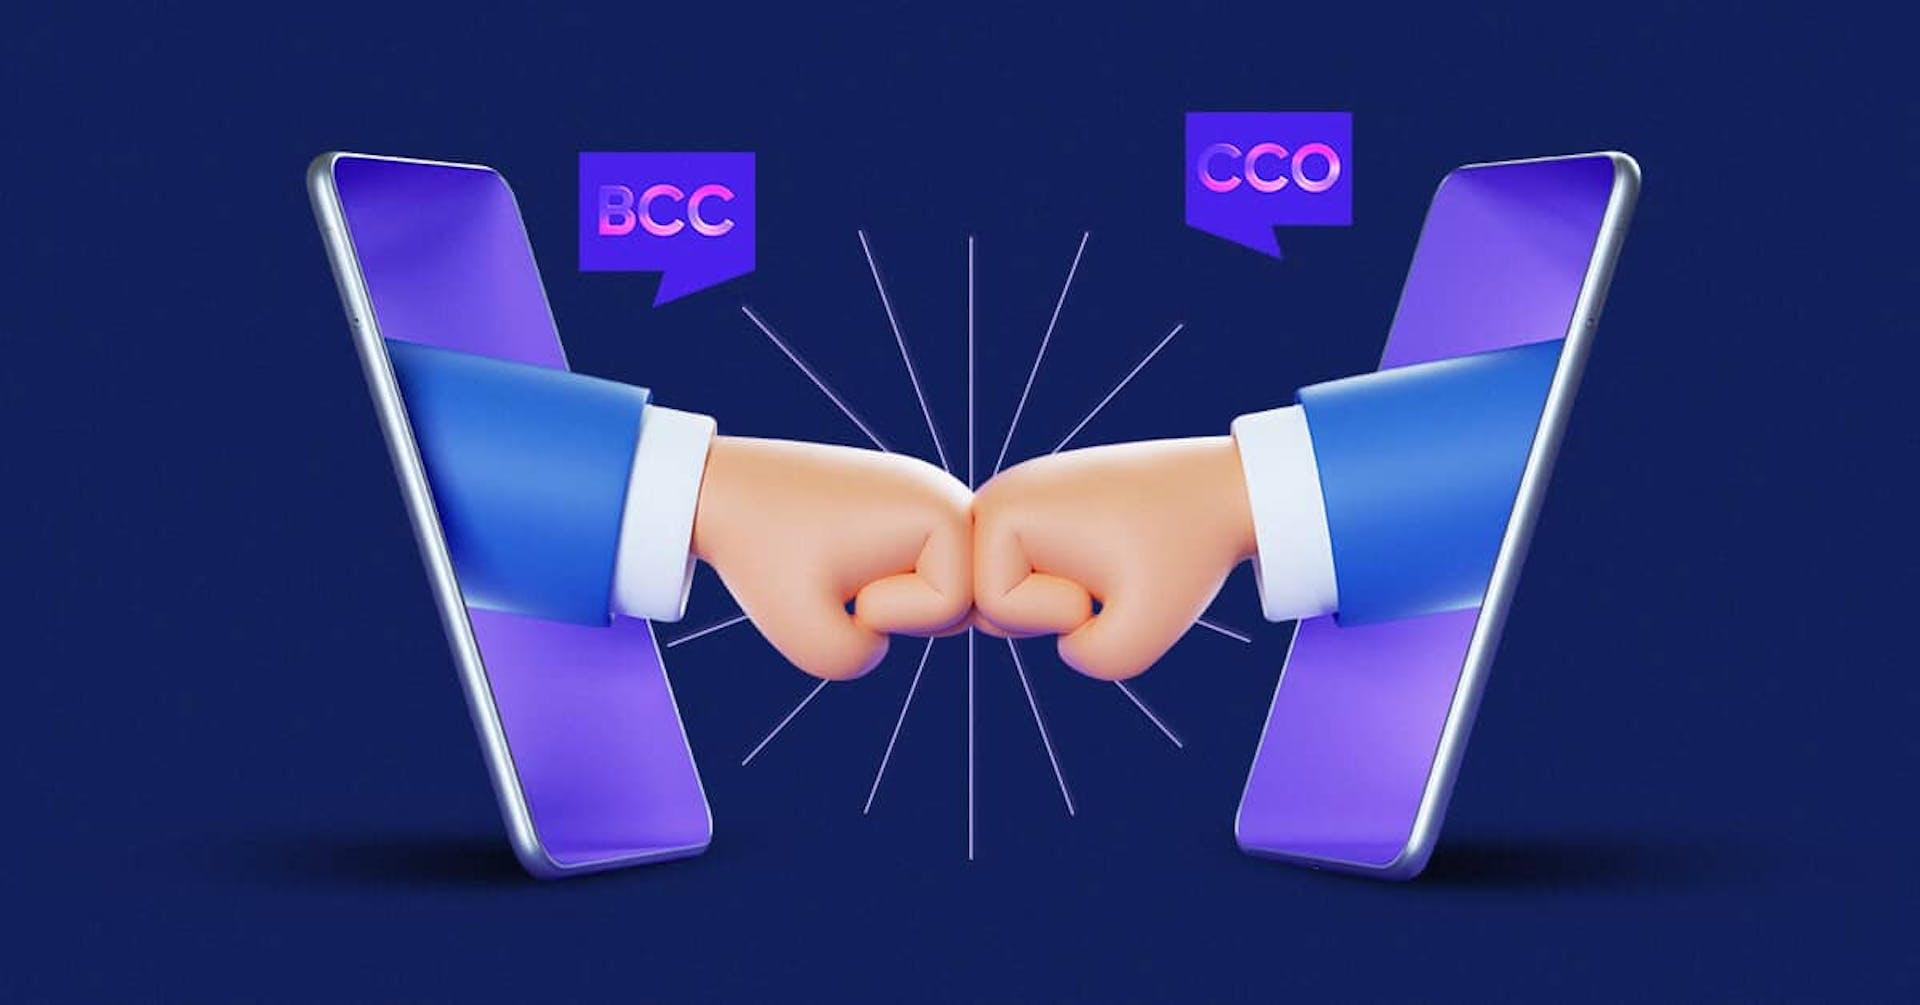 BCC en los emails: El recurso que evitará la saturación de correos y los peligros en la web